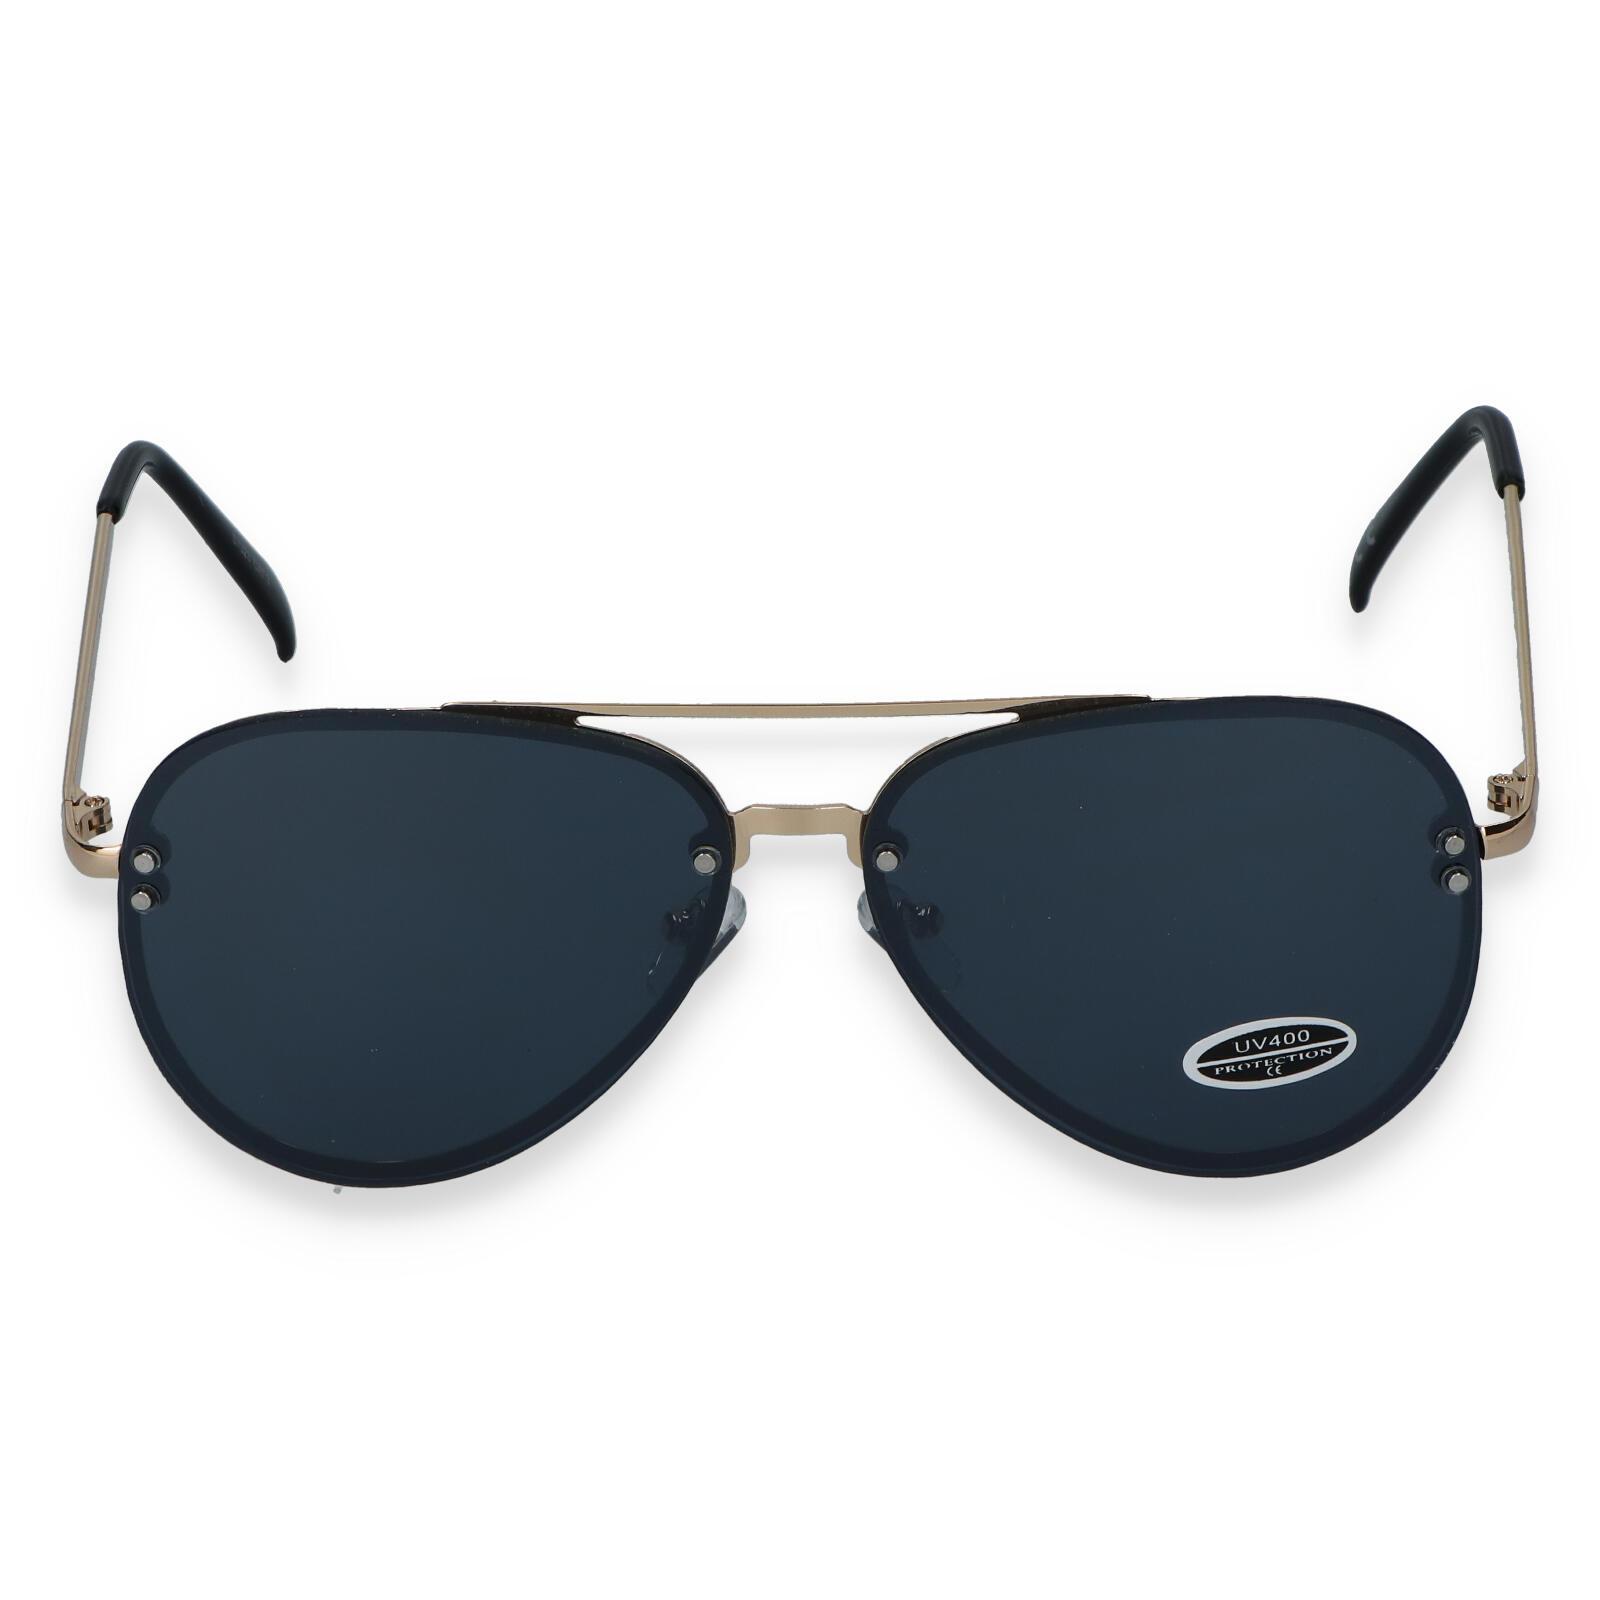 Dámské sluneční brýle černé - S3237 černá